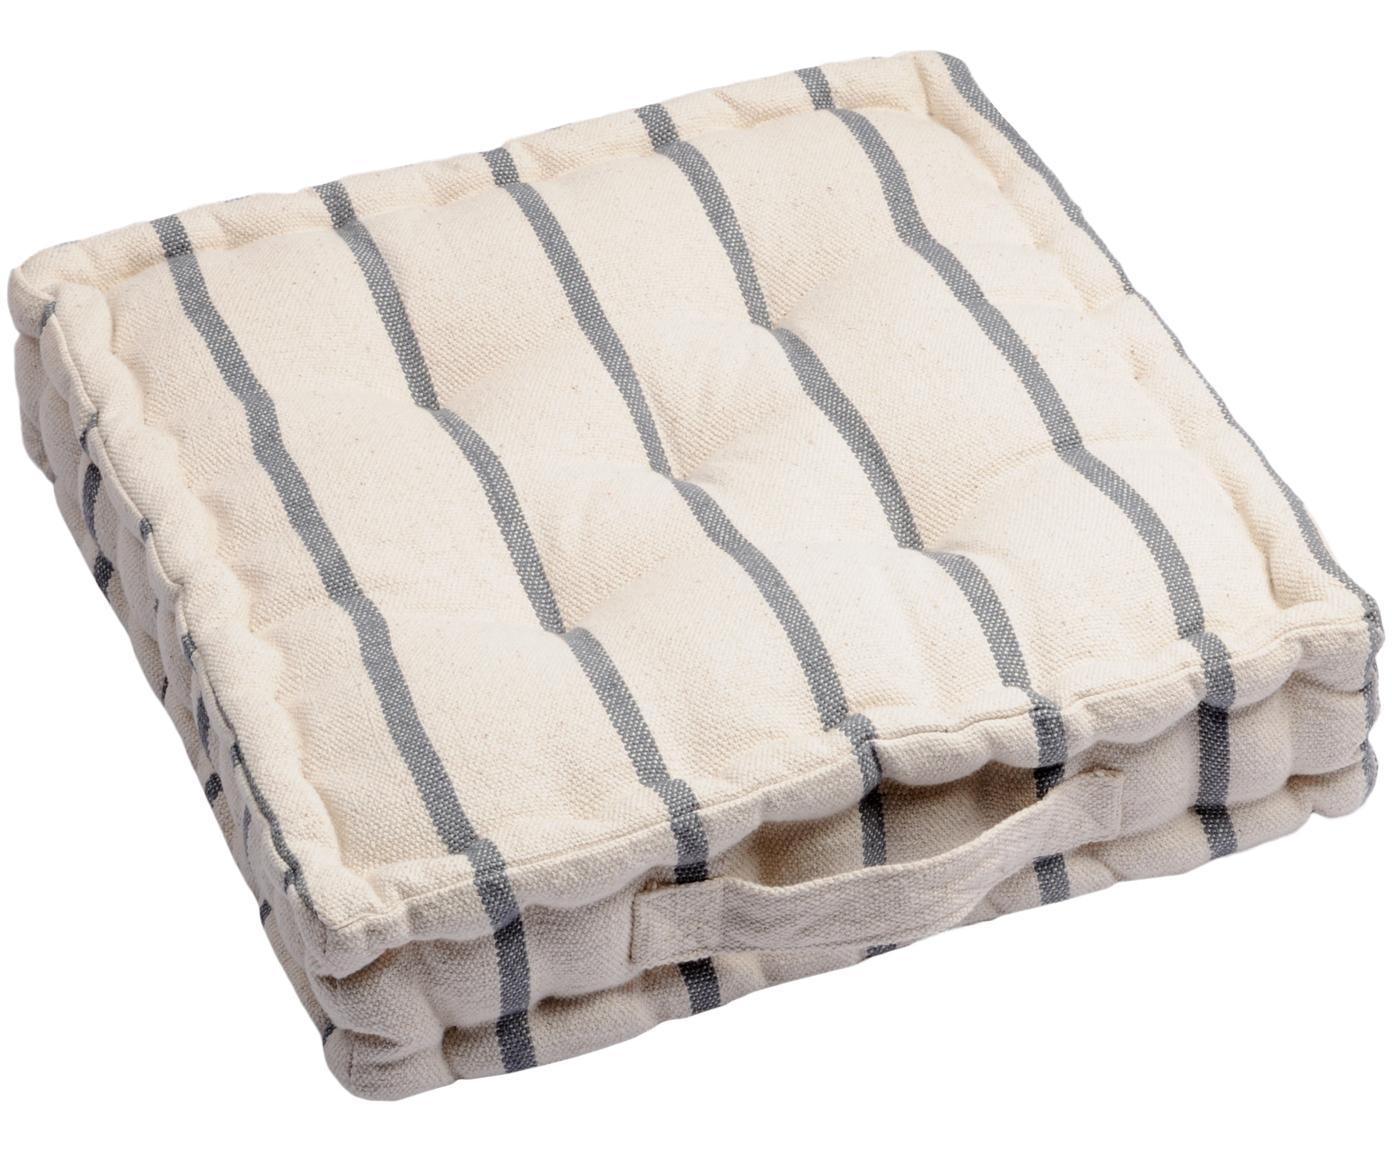 Cuscino da pavimento a righe Pampelonne, Antracite, bianco latteo, Larg. 45 x Alt. 10 cm